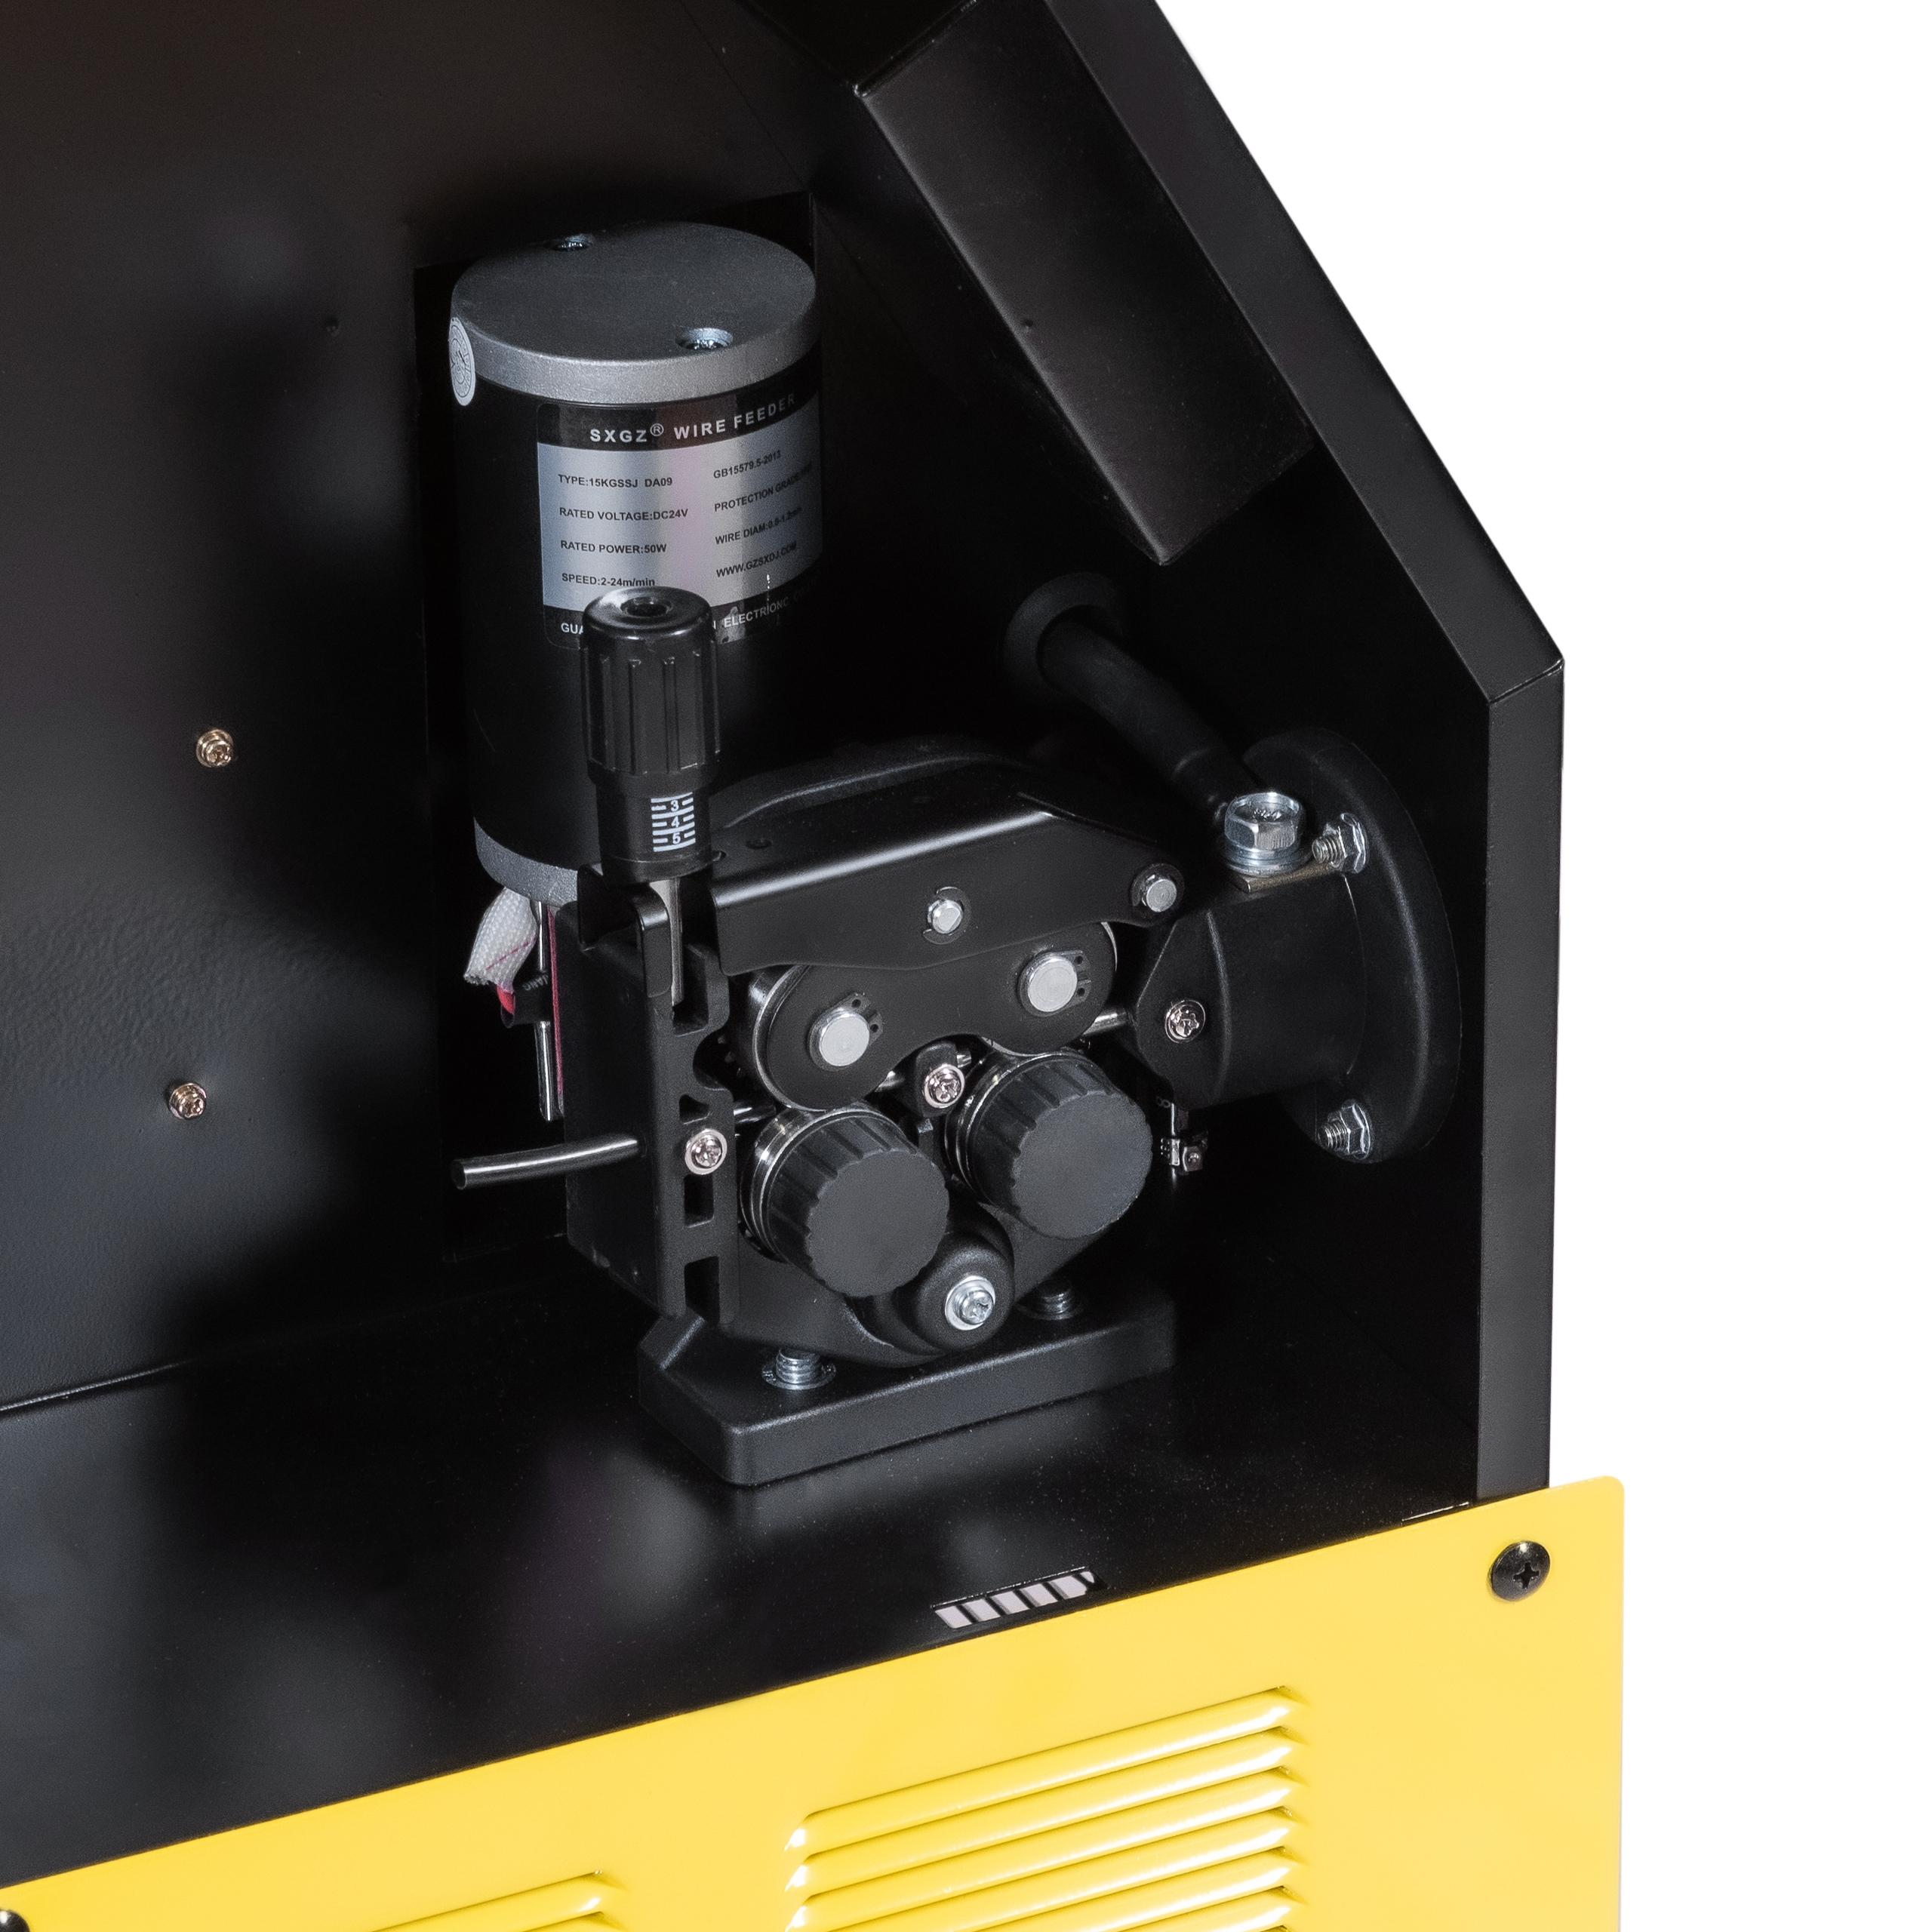 SPAWARKA MIGOMAT MAGNUM MIG 308 ALU SYNERGIA 400V Wysokość 610 mm